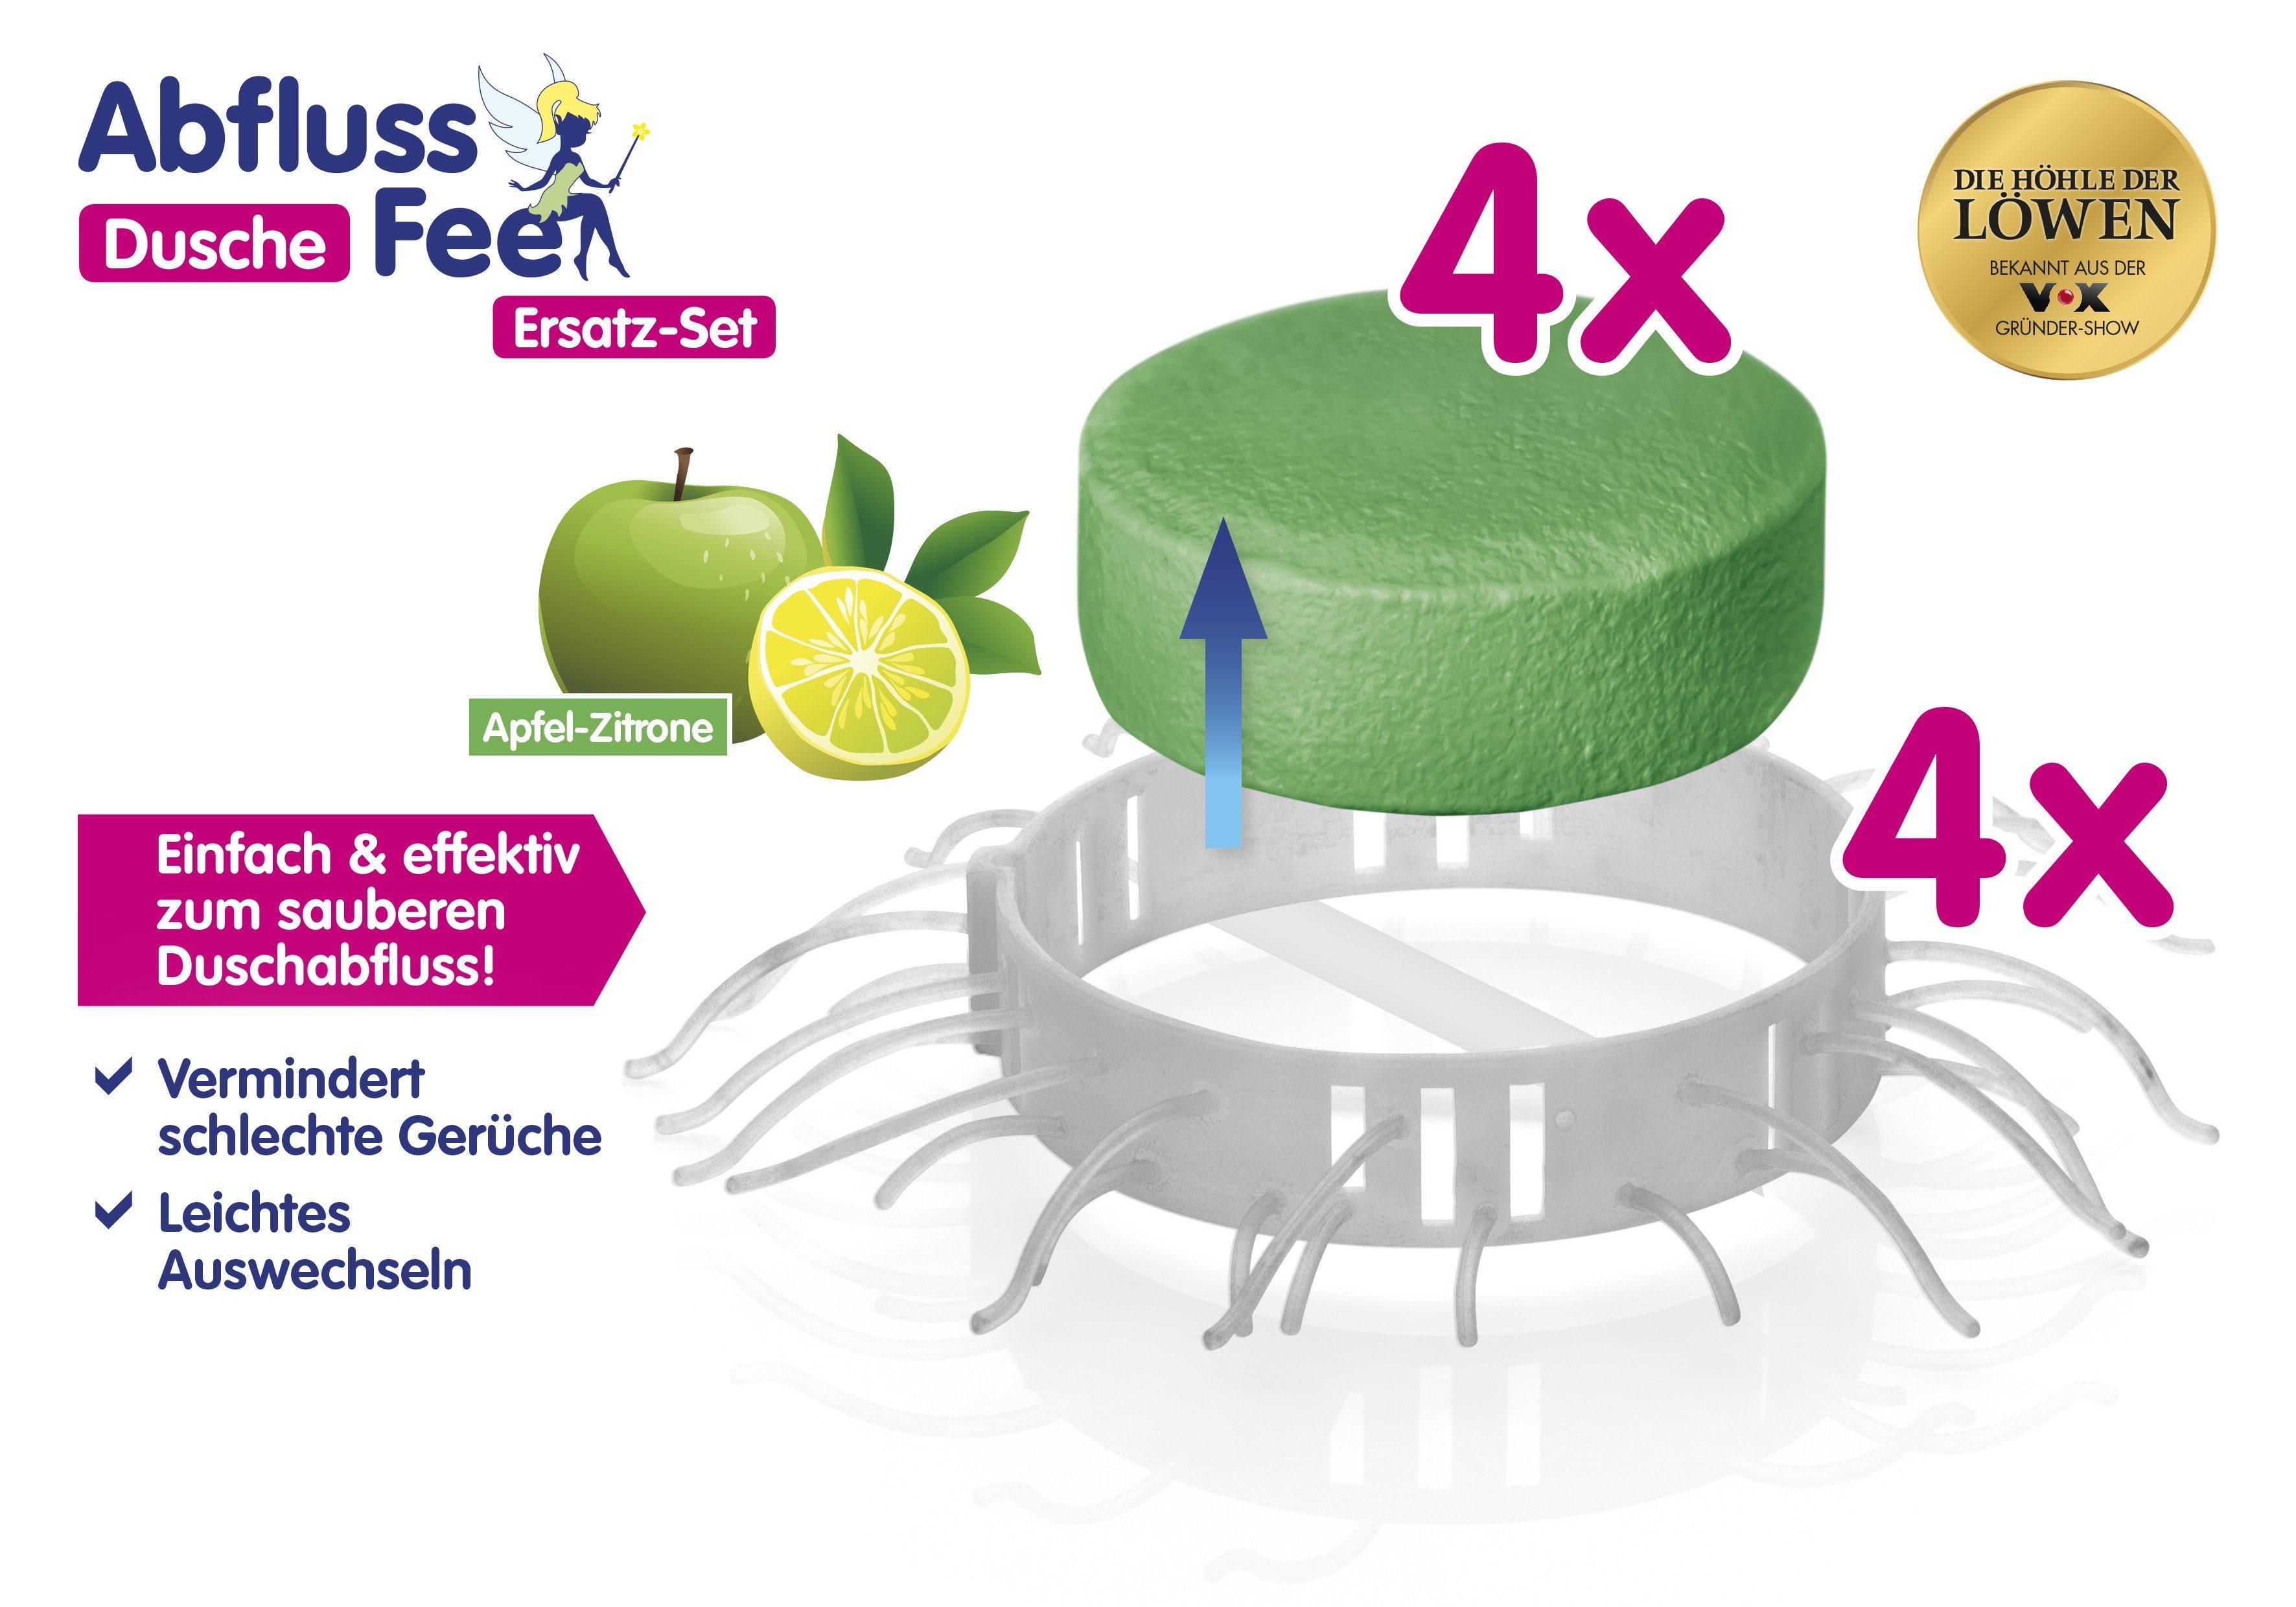 Abfluss Fee Dusche Duftstein Set 8 tlg. grÃŒn Apfel Zitrone